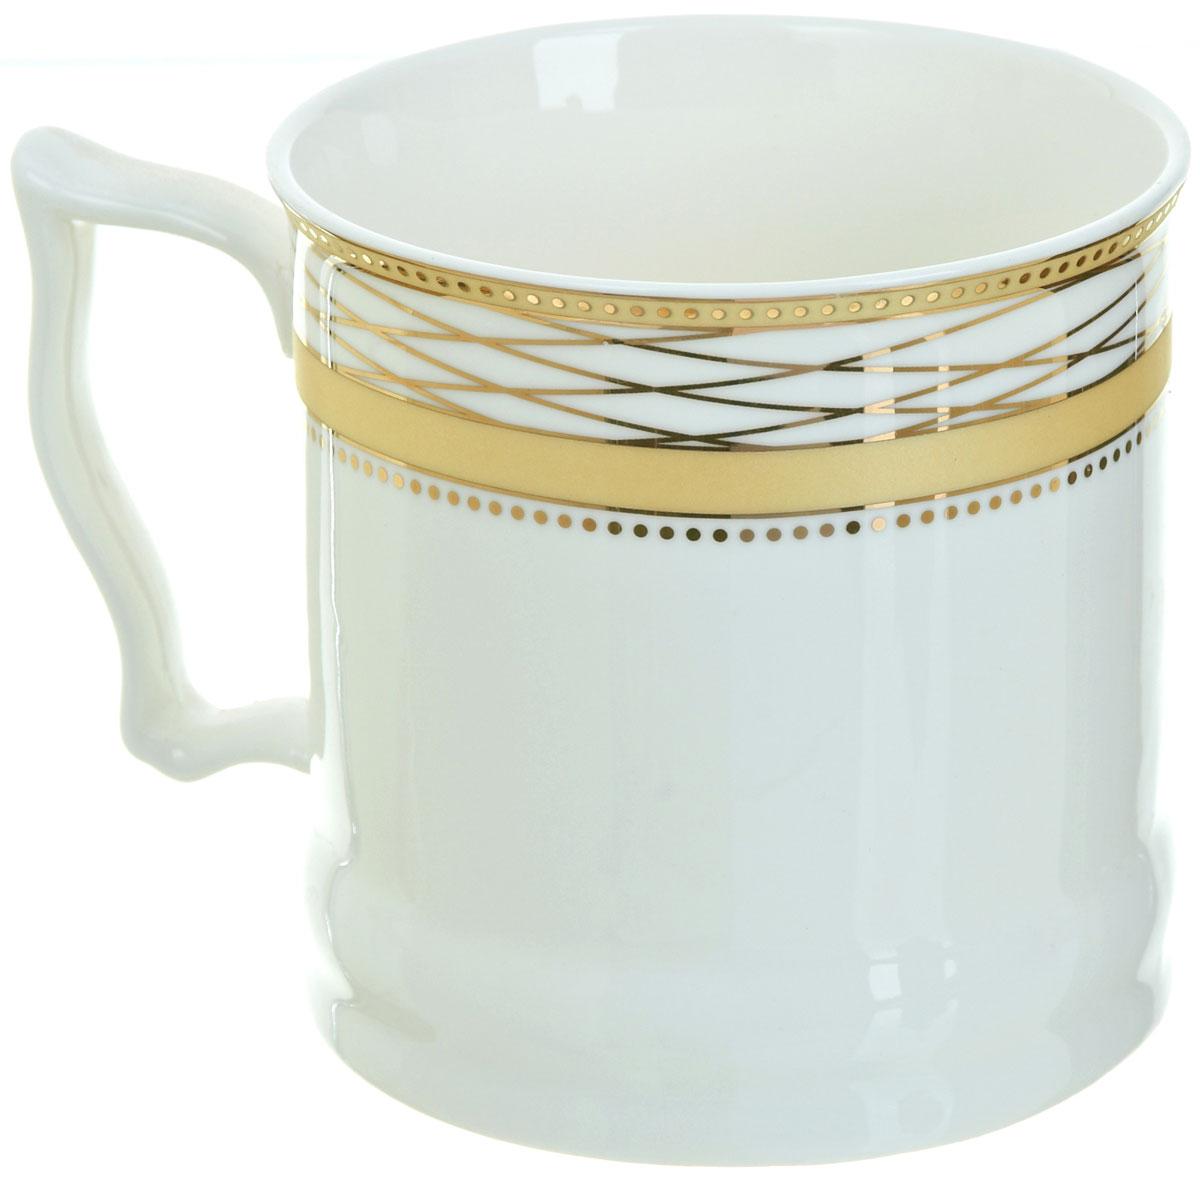 Кружка BHP Королевская кружка, 500 мл. M187000854 009312Оригинальная кружка Best Home Porcelain, выполненная из высококачественного фарфора, сочетает в себе простой, утонченный дизайн с максимальной функциональностью. Можно использовать в посудомоечной машине.